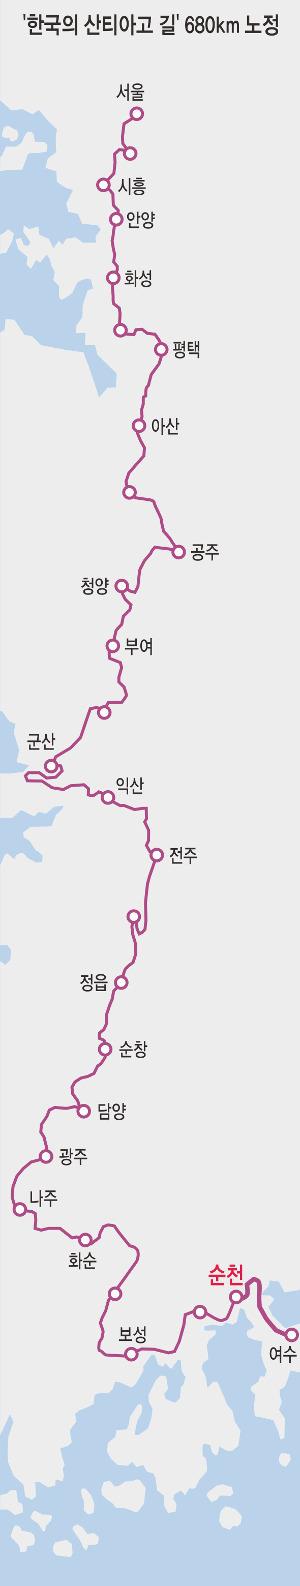 [오기완과 떠나는 성지순례 '한국의 산티아고 길' 680㎞를 걷다] ③ 호남 선교 문 연 7인 선교사 기사의 사진